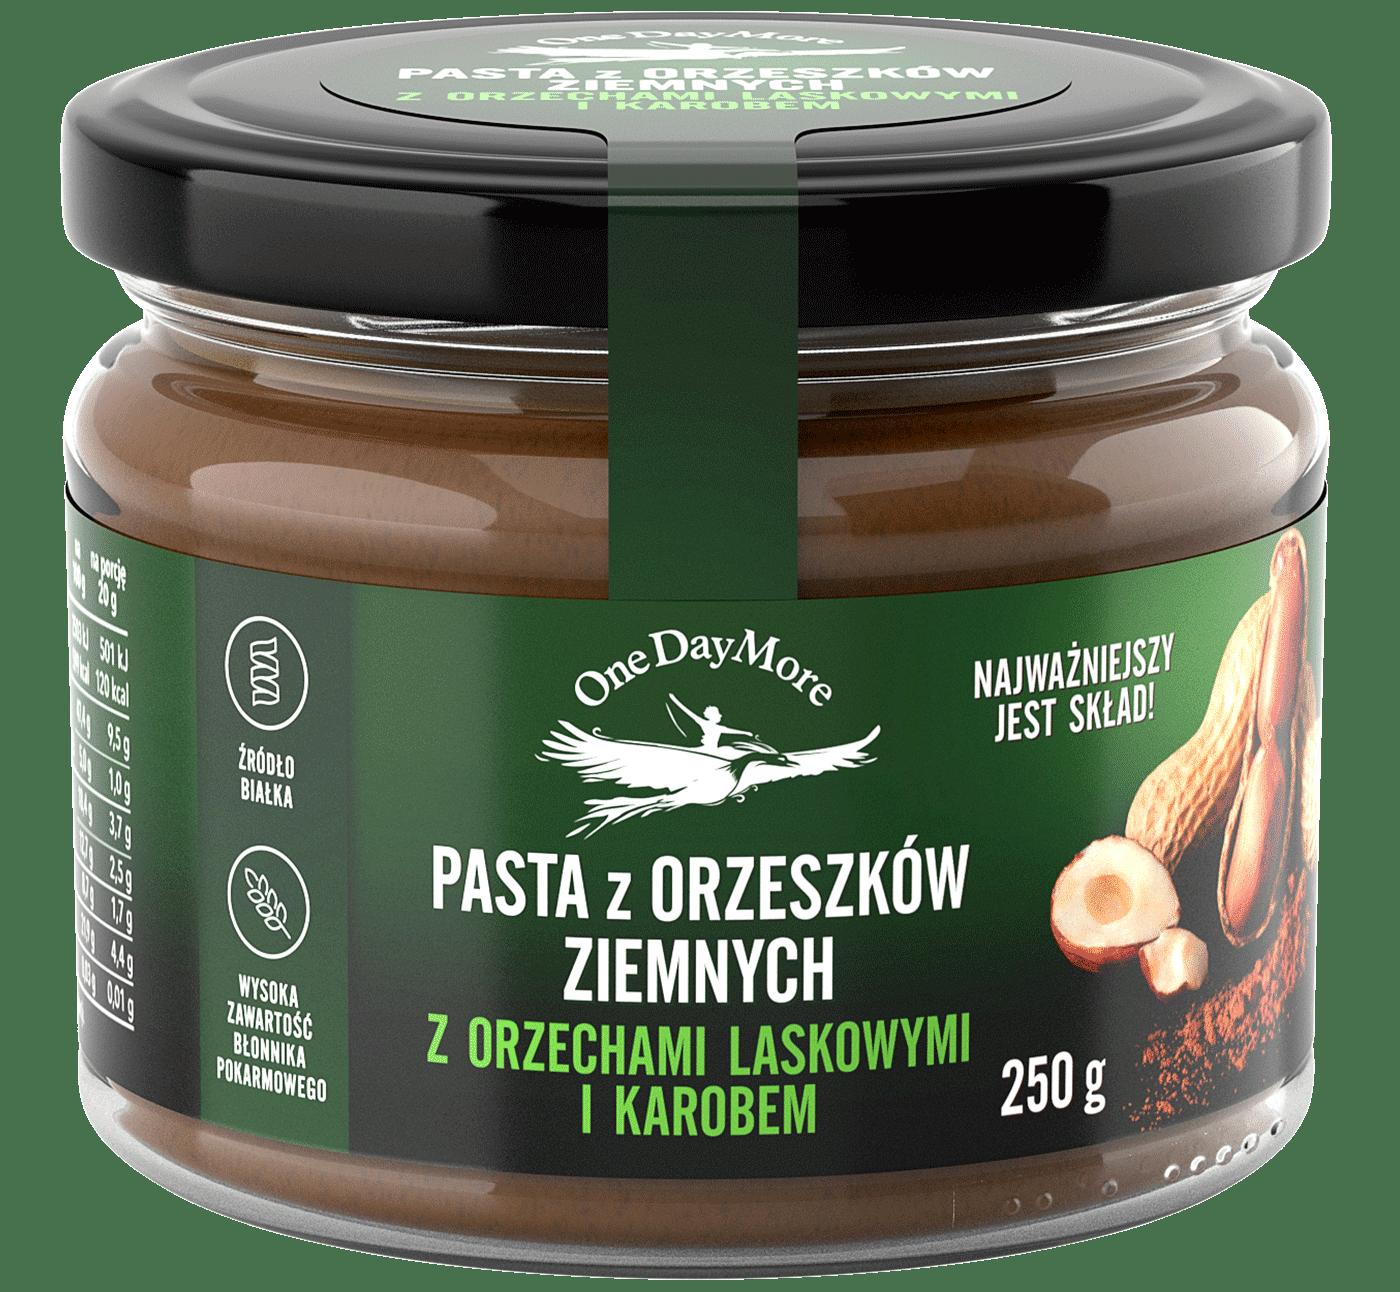 PL_ODM_SLOIK_laskowe_karob_12-10-2020_ciemna_pasta